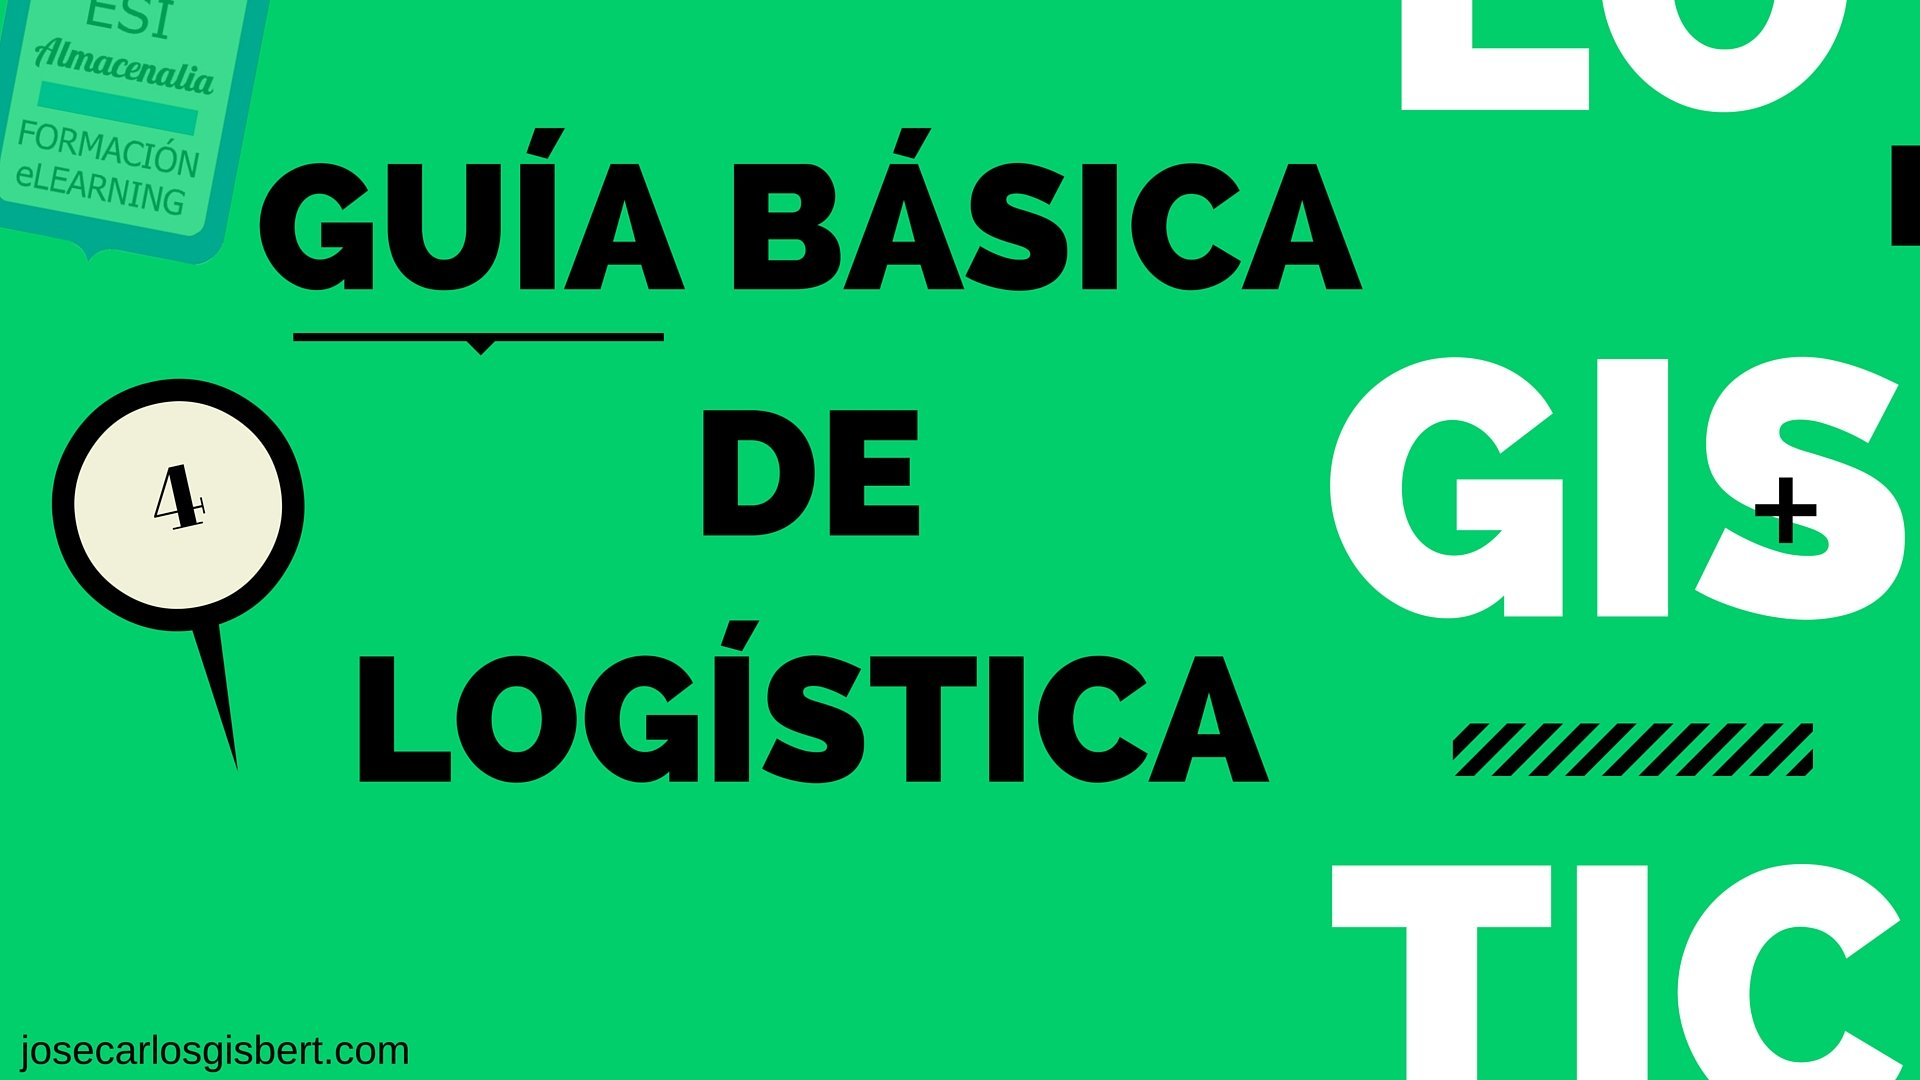 SERVICIO AL CLIENTE EN LOGÍSTICA. GUÍA DE LOGÍSTICA BÁSICA